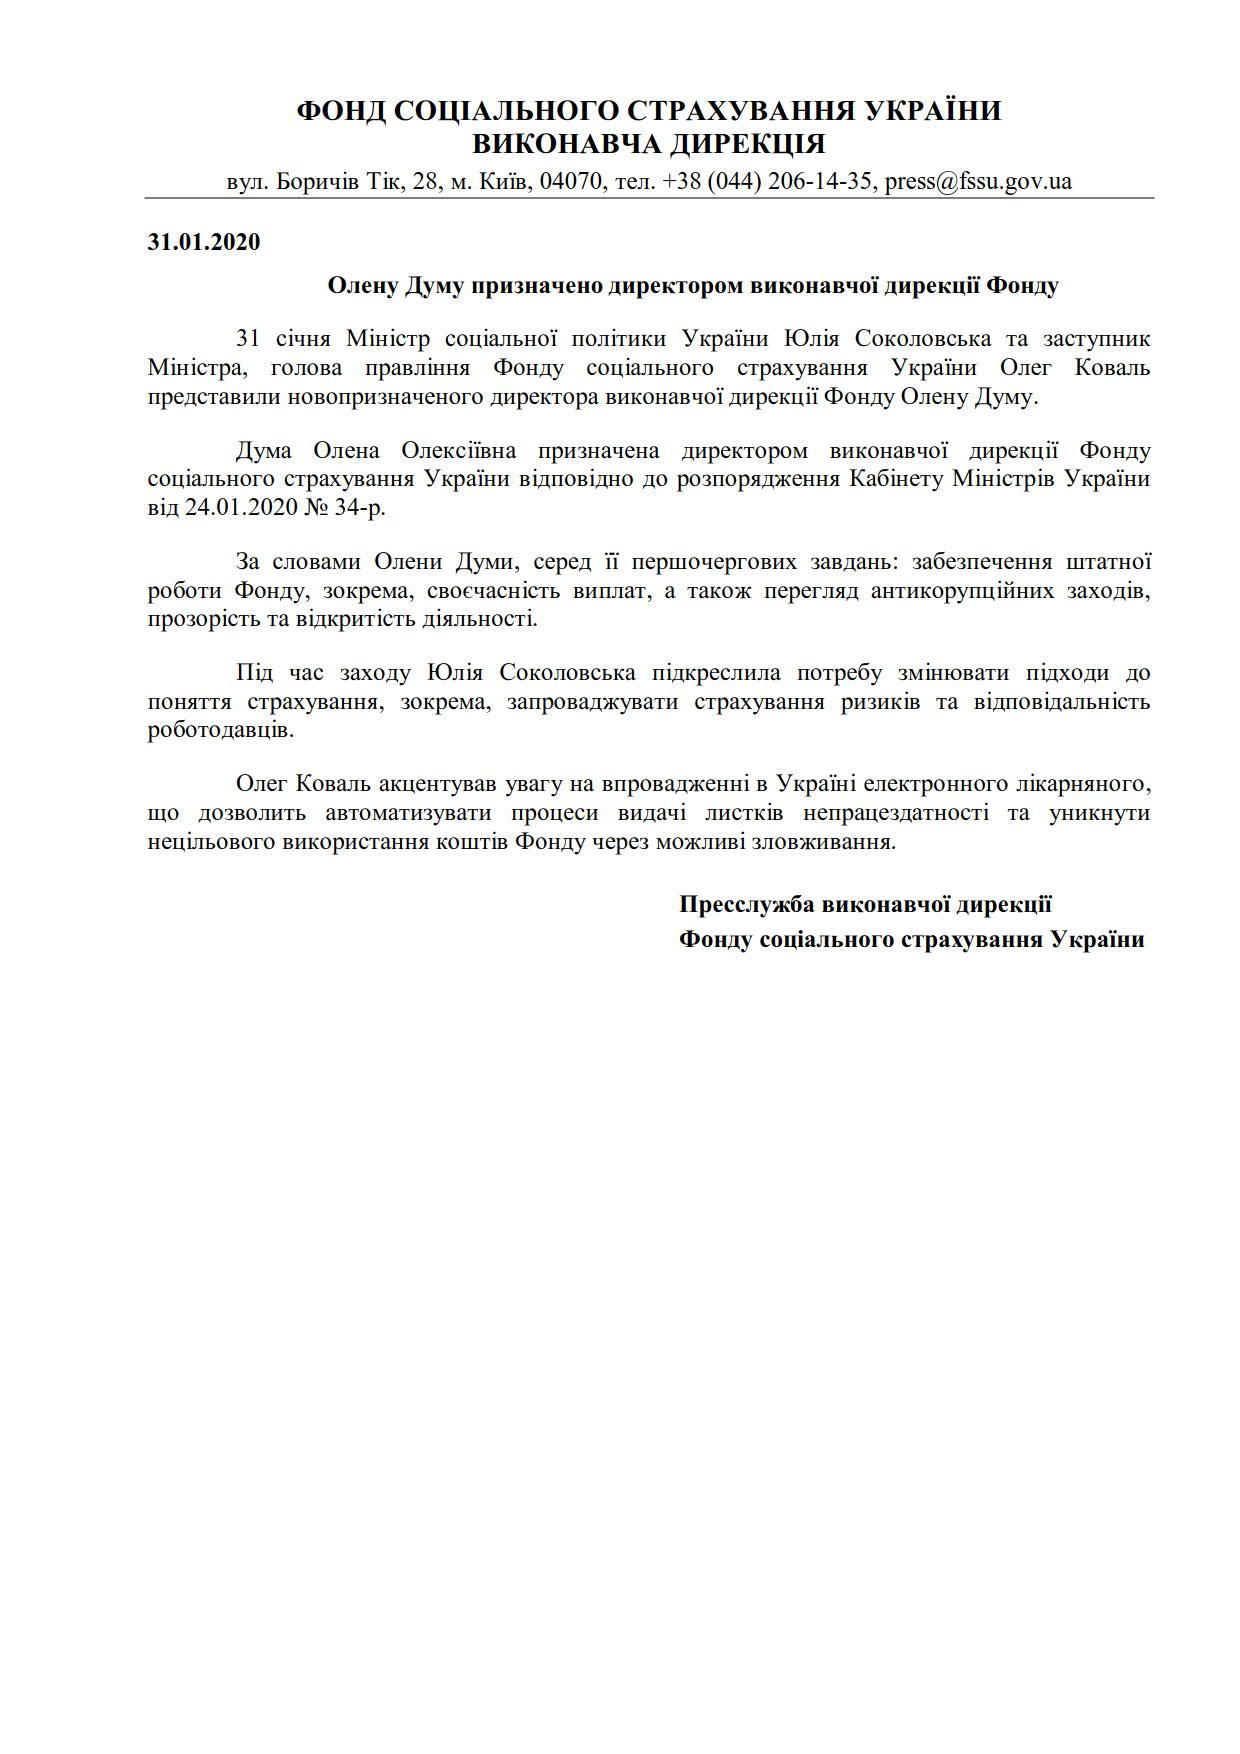 ФССУ_Олену Думу призначено директором-1_1